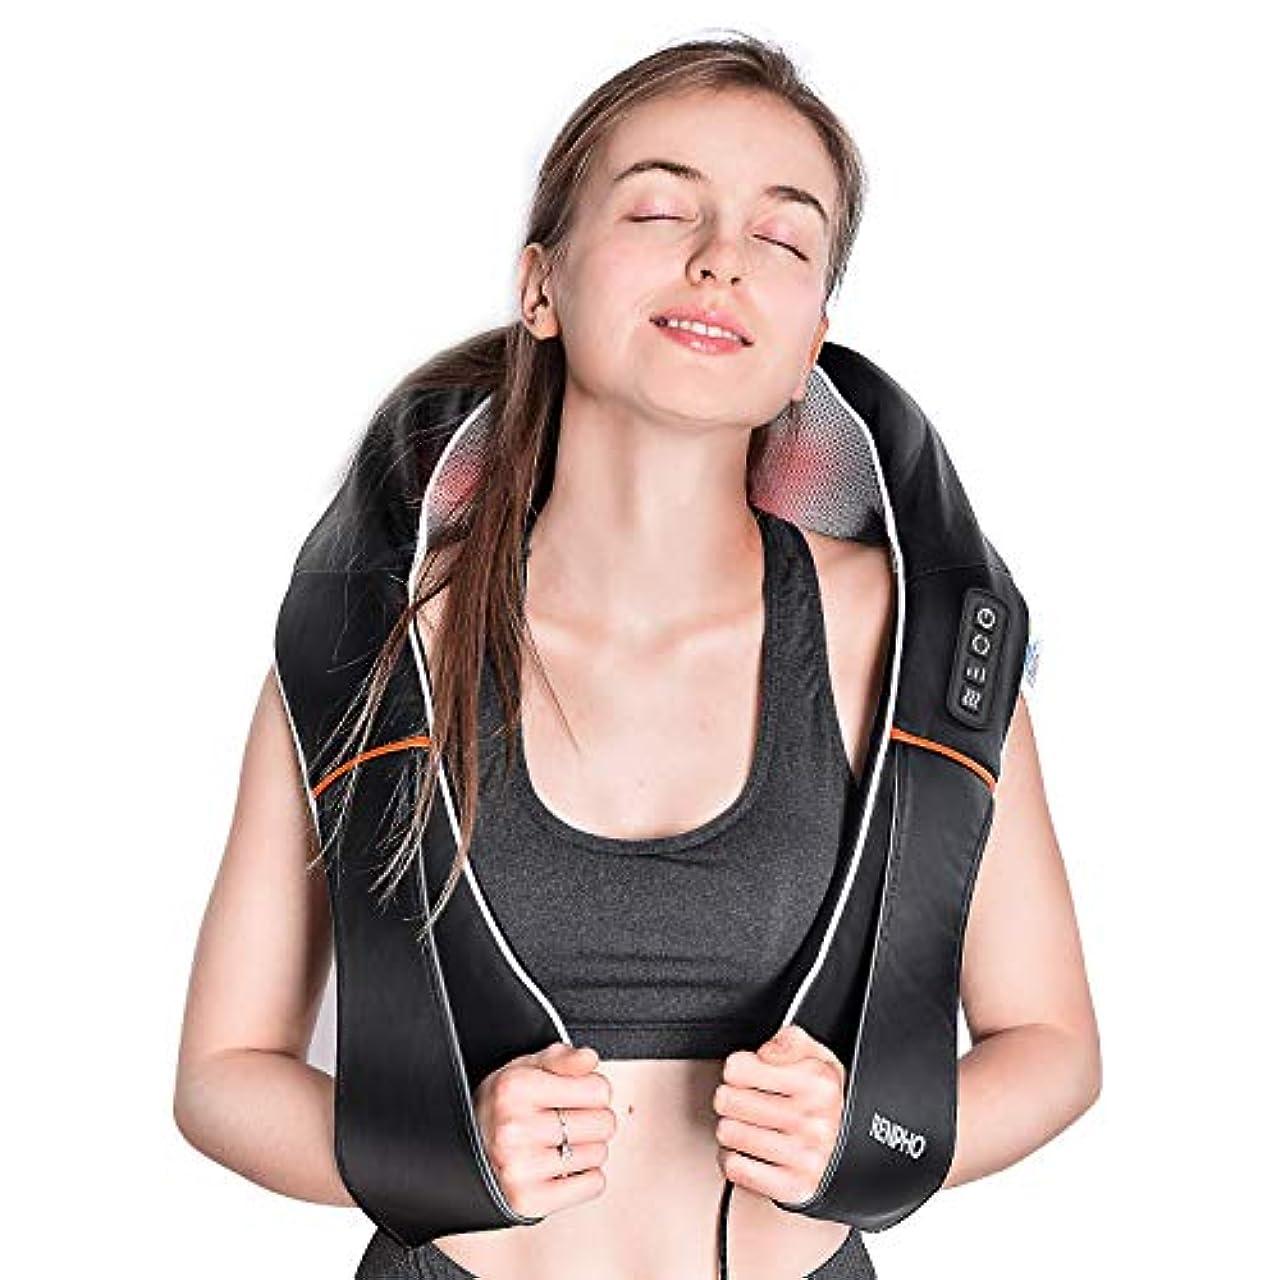 マトロン赤面突然のRENPHO Electric Shiatsu Neck and Back Massager with Heat and Vibration, Deep Tissue 3D Kneading Massage Pillow...